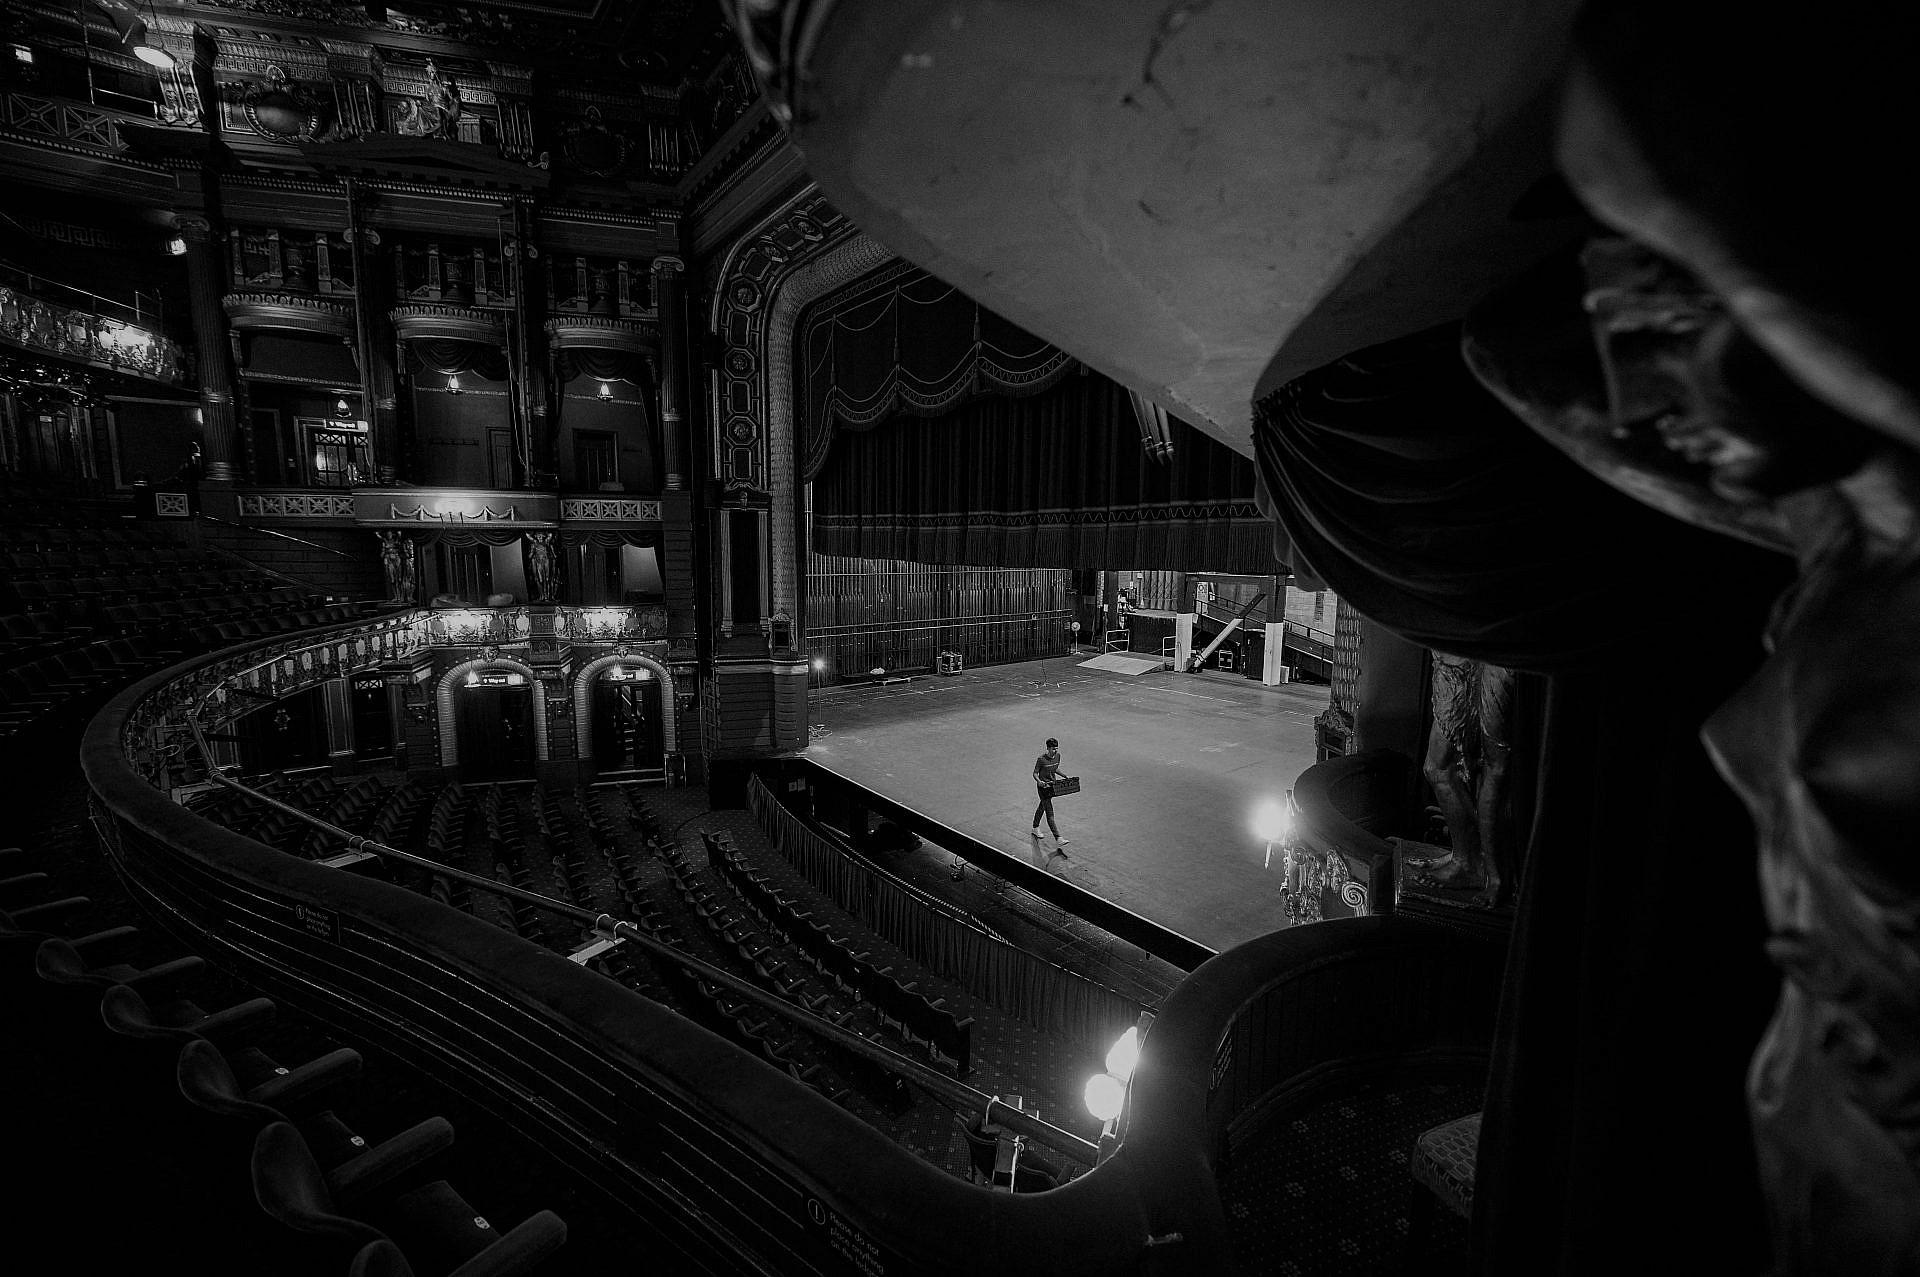 בלי קהל זה לא ילך. תיאטרון הפאלאס במנצ'סטר, אחד הנהנים מסיוע 2 מיליארד פאונד שהעניקה הממשלה לתרבות (צילום: ג'טי אימג'ס)